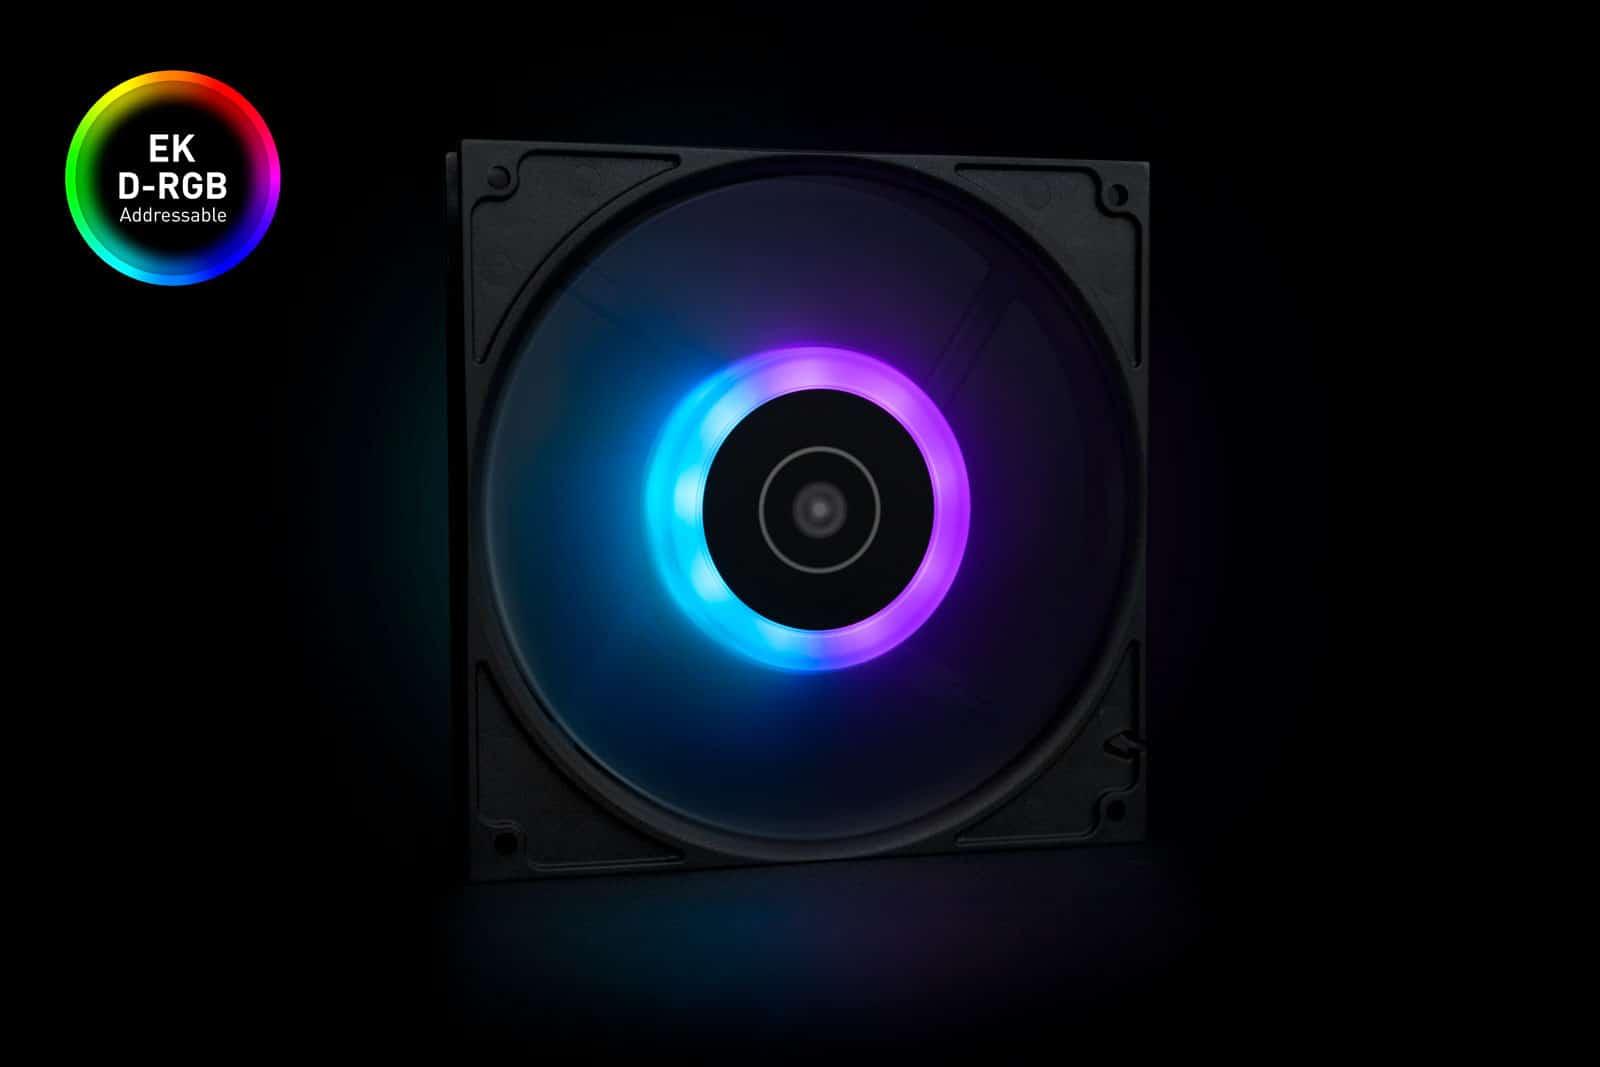 D-RGB